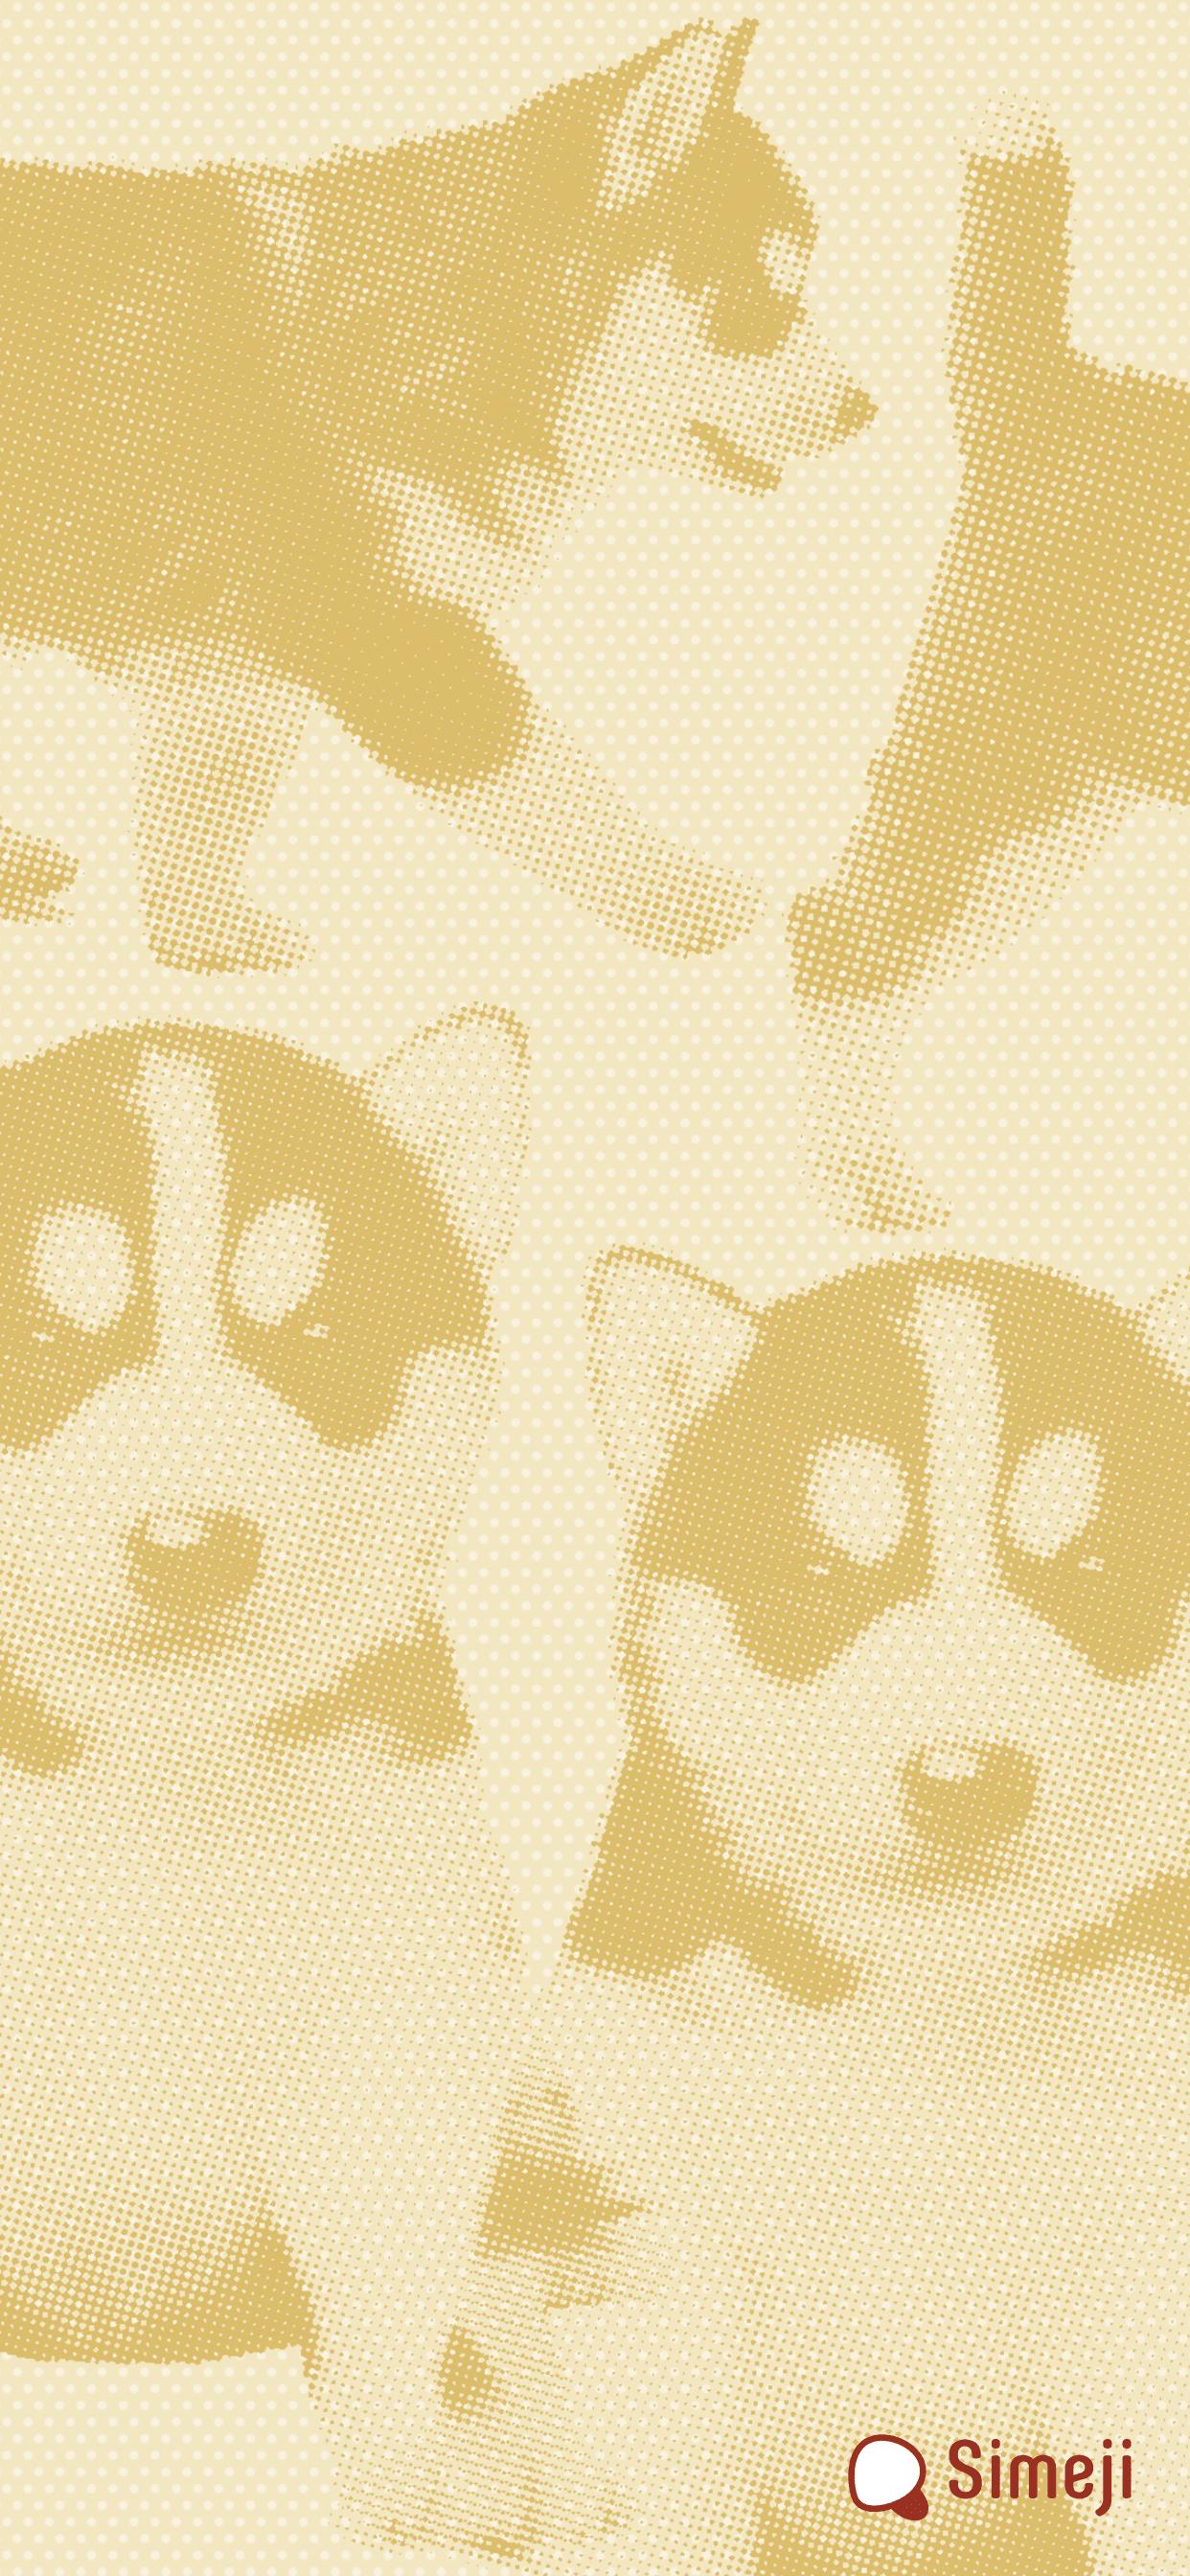 スマホ用 仔犬ハスキーの壁紙